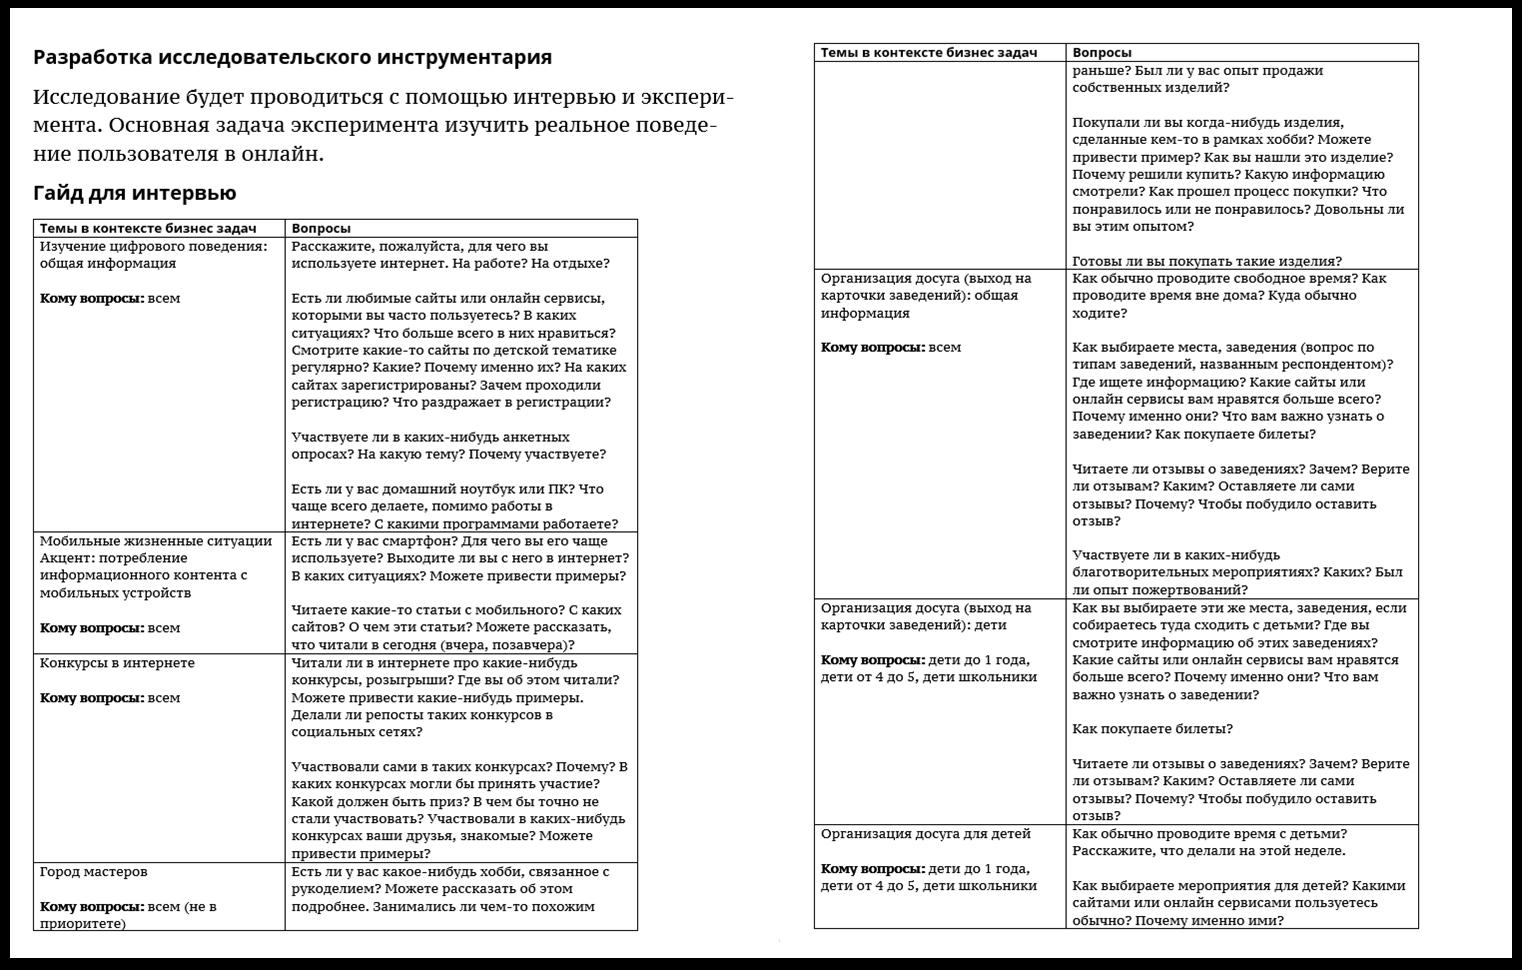 Разработанные гайды для интервью и задания для тестирования | SobakaPav.ru